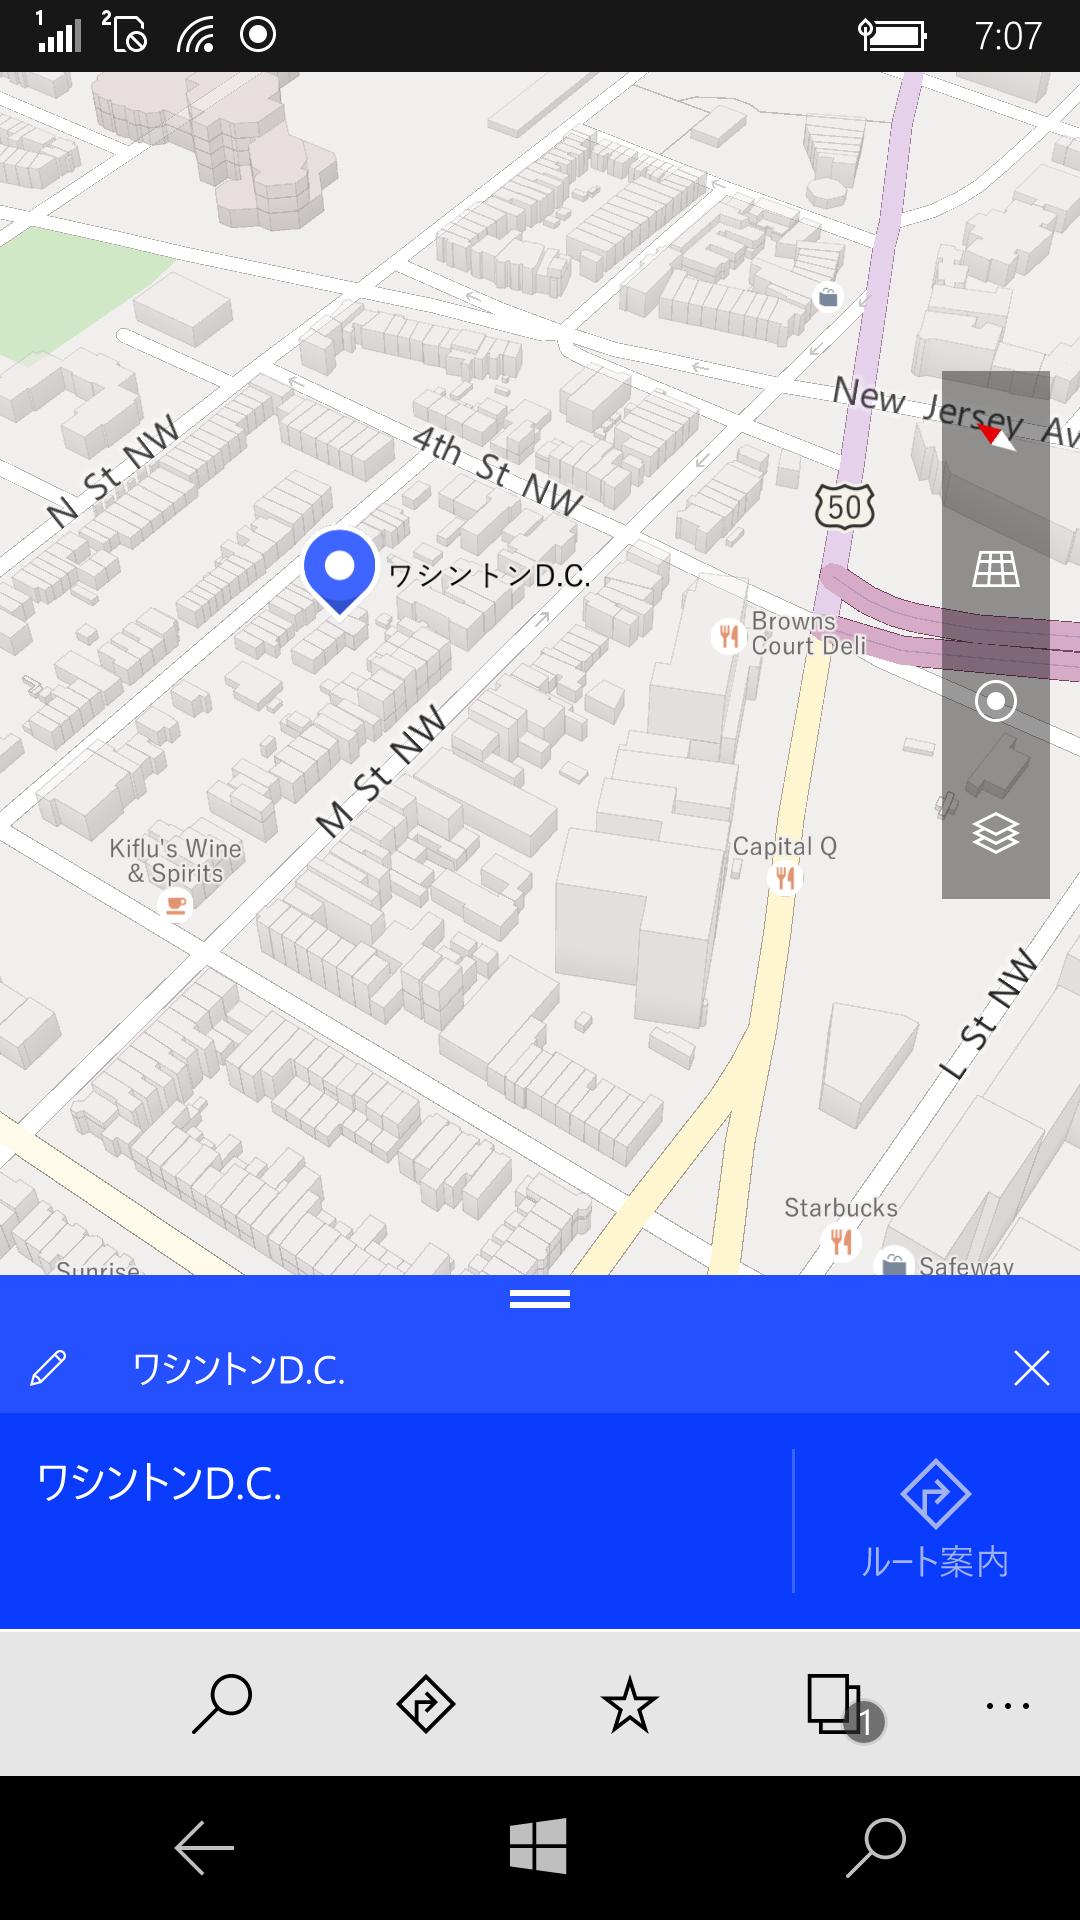 同じ「マップ」でワシントンD.C.の周辺地図を開いた状態。ご覧のとおり向きを変えてもストリート名やショップ名などは見やすく調整される